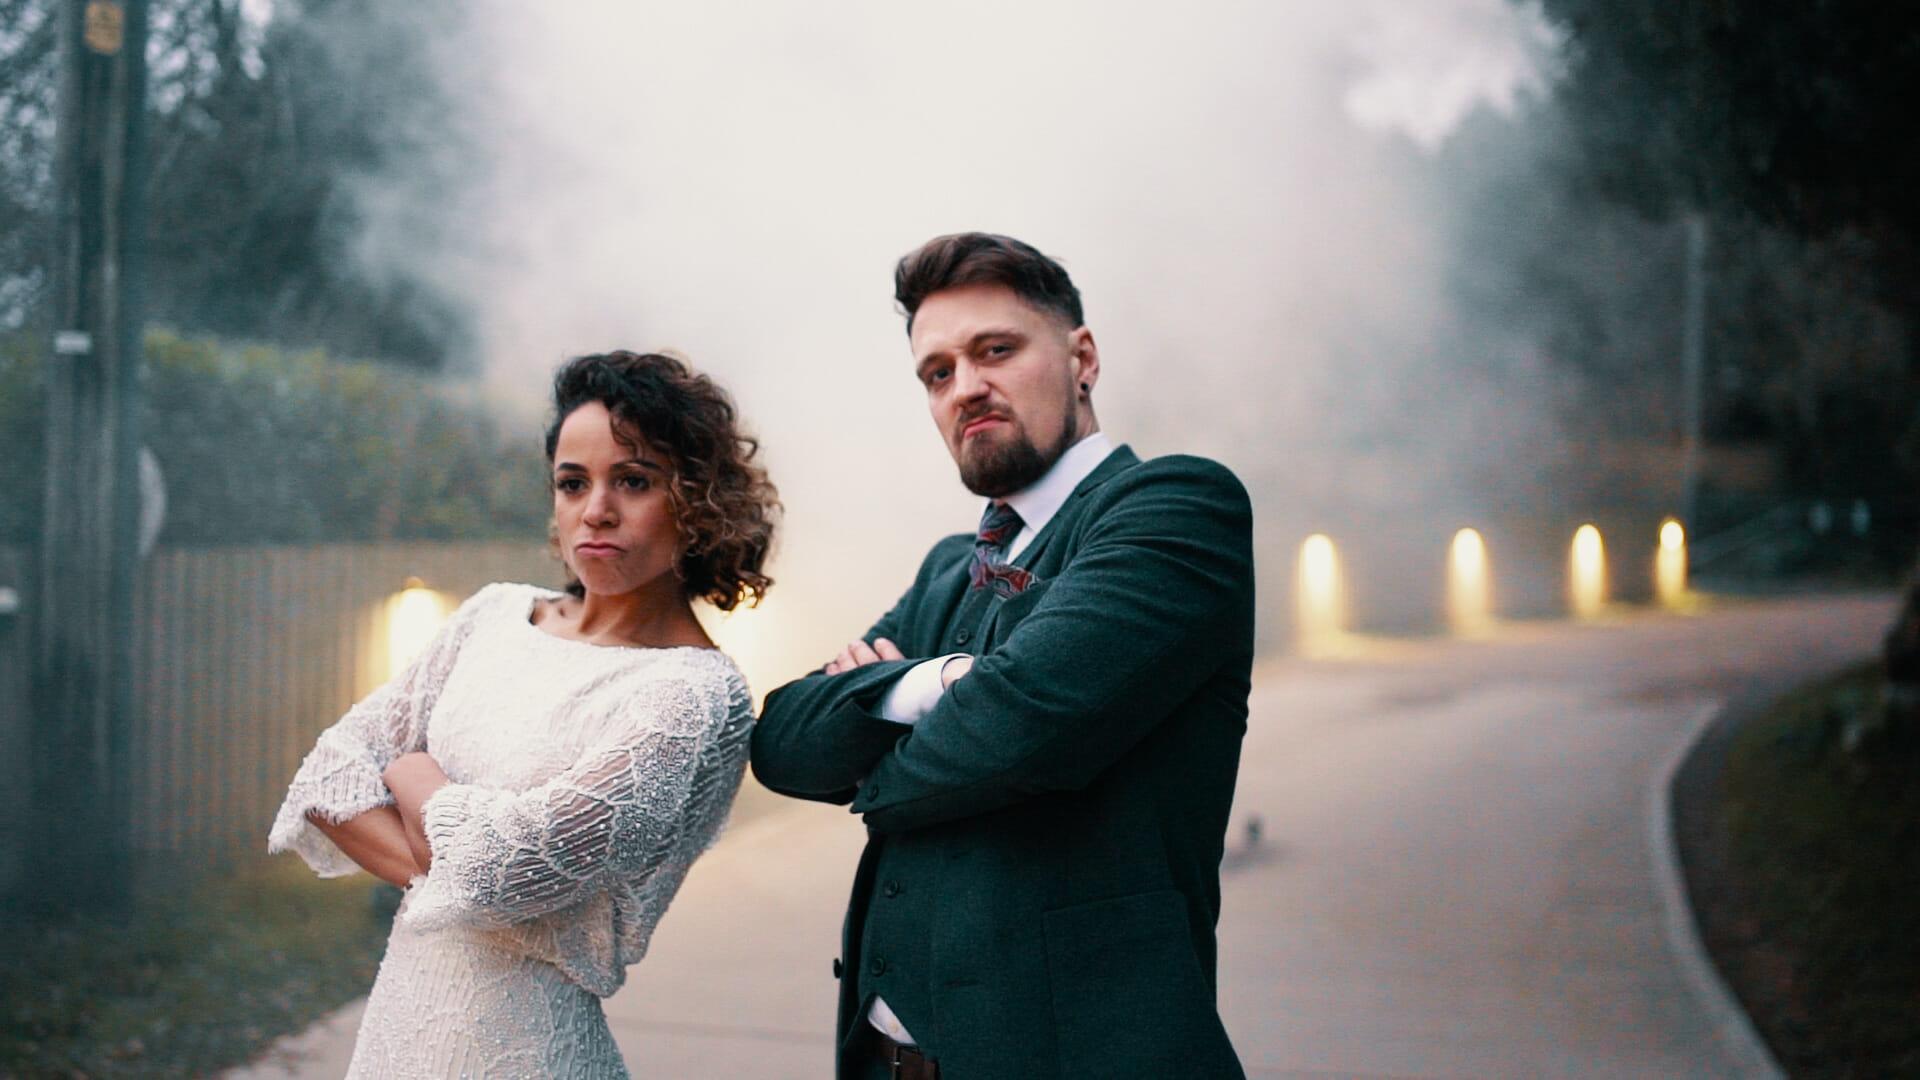 wedding smoke bombs